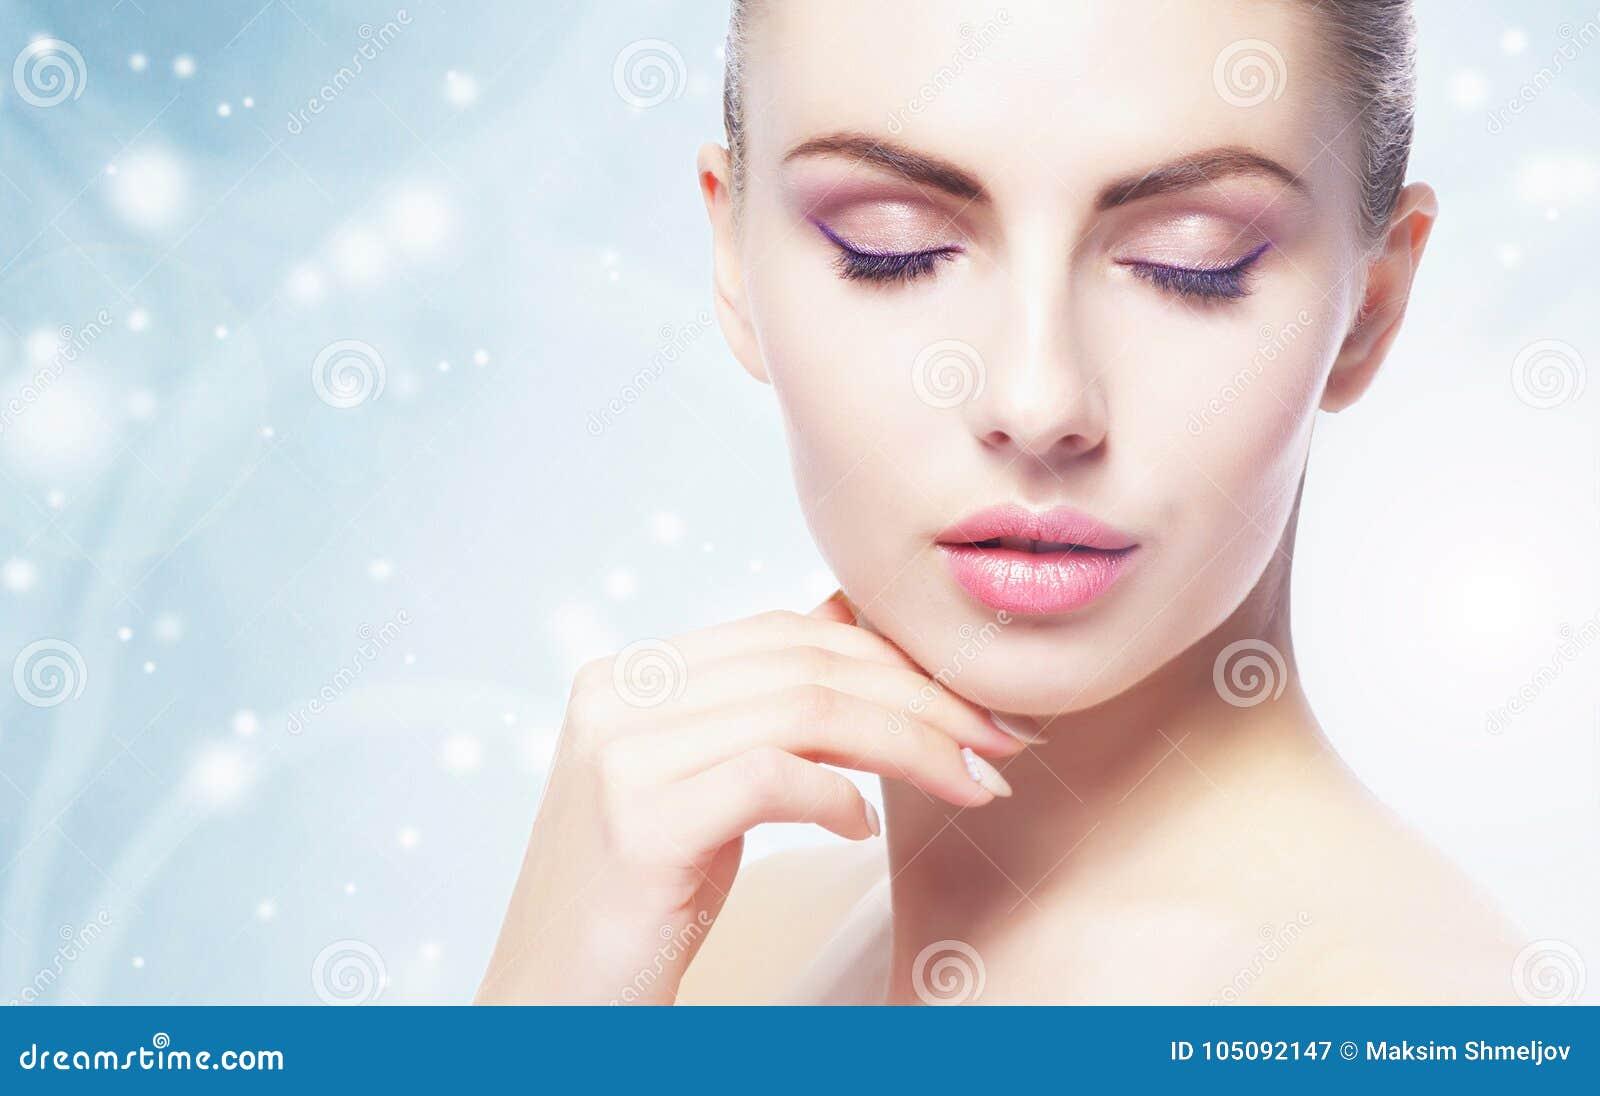 Retrato da mulher nova, bonita e saudável: sobre o fundo do inverno Cuidados médicos, termas, composição e conceito do levantamen